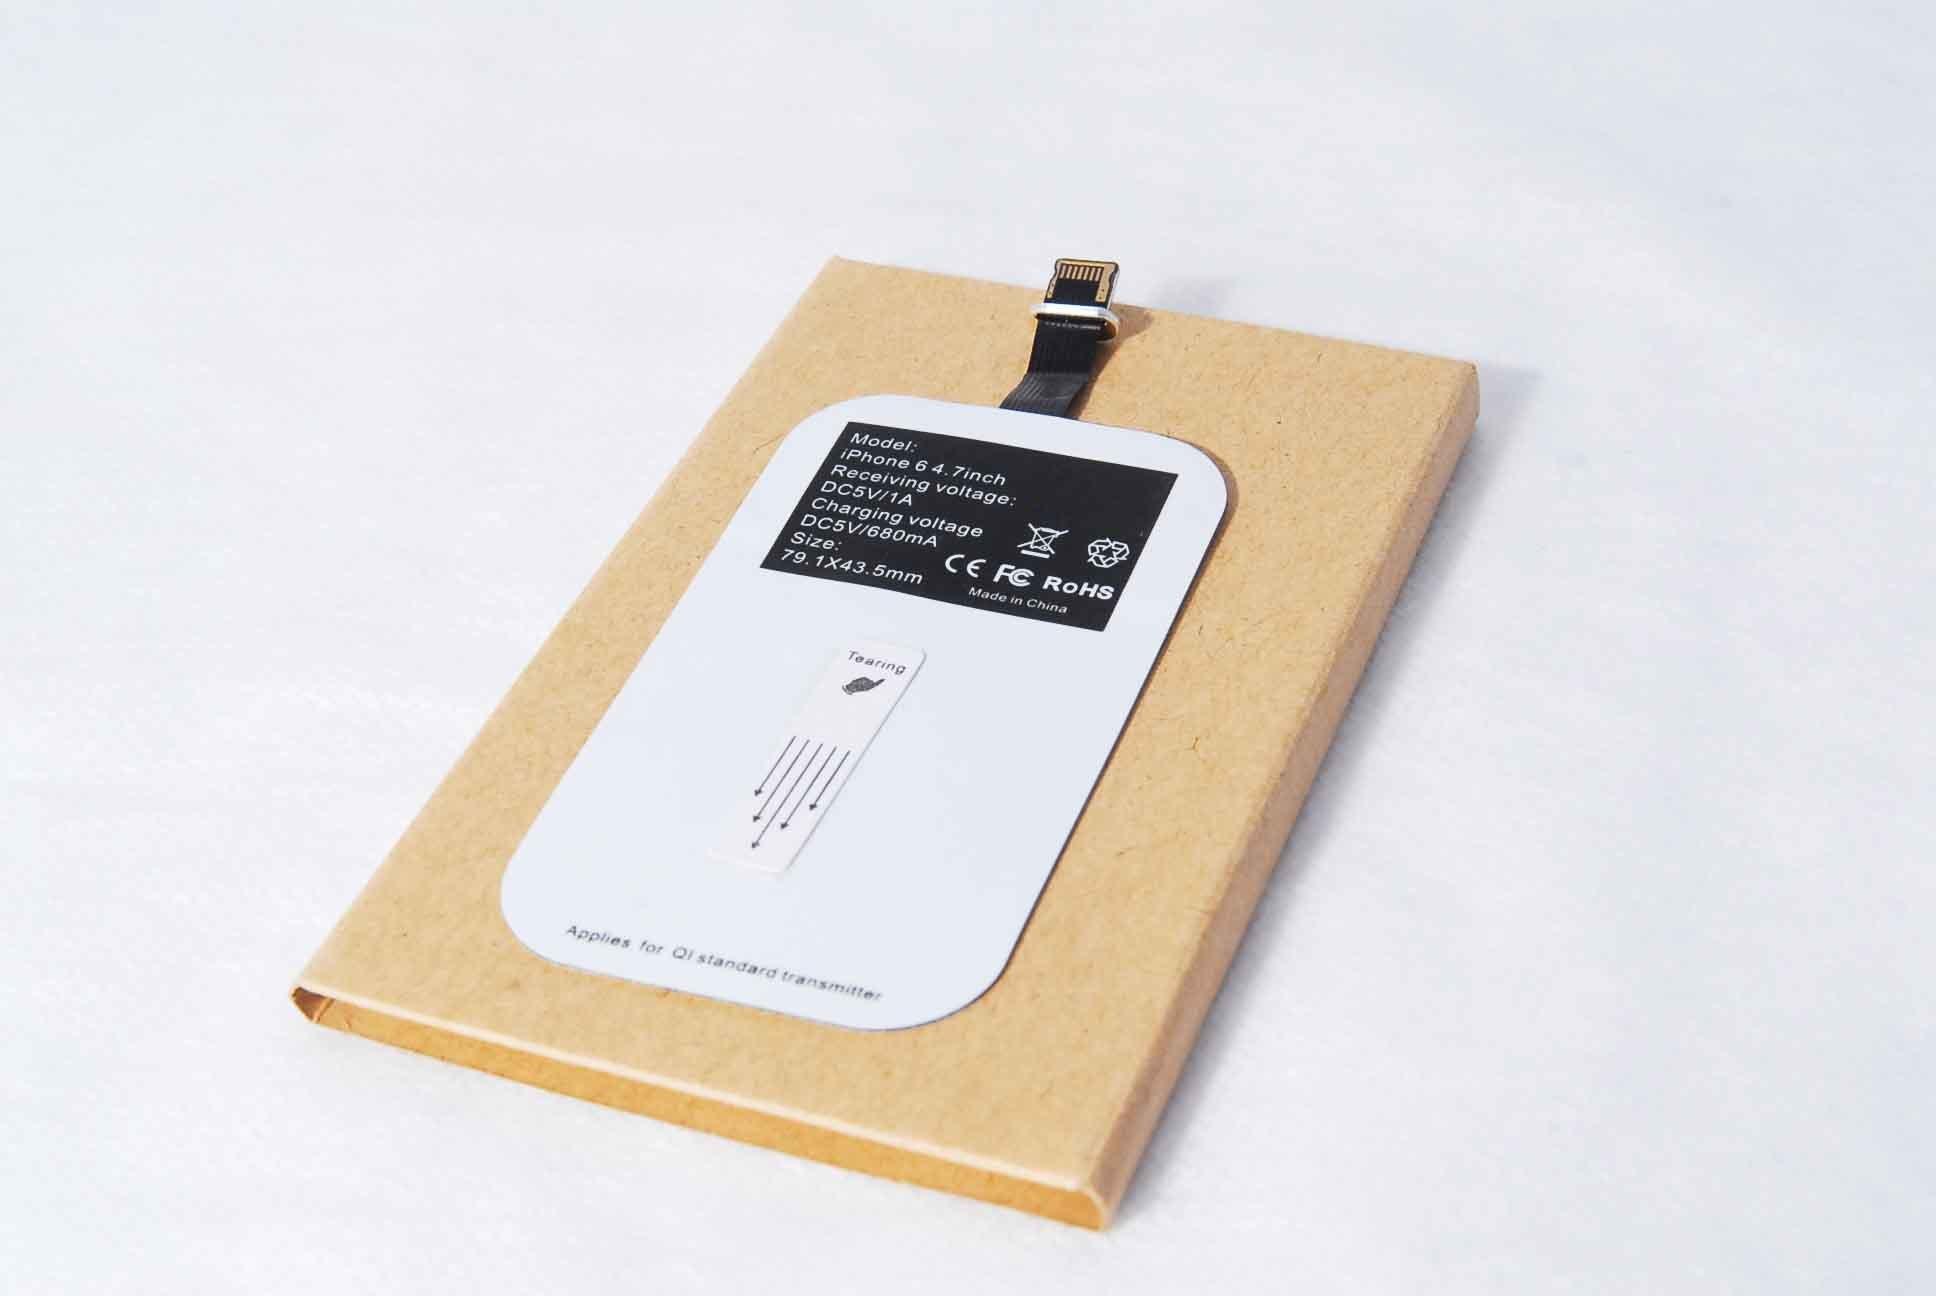 Беспроводное зарядное устройство для телефонов, смартфонов QI R-21 для iPhone 5/6/6+ (приемник)